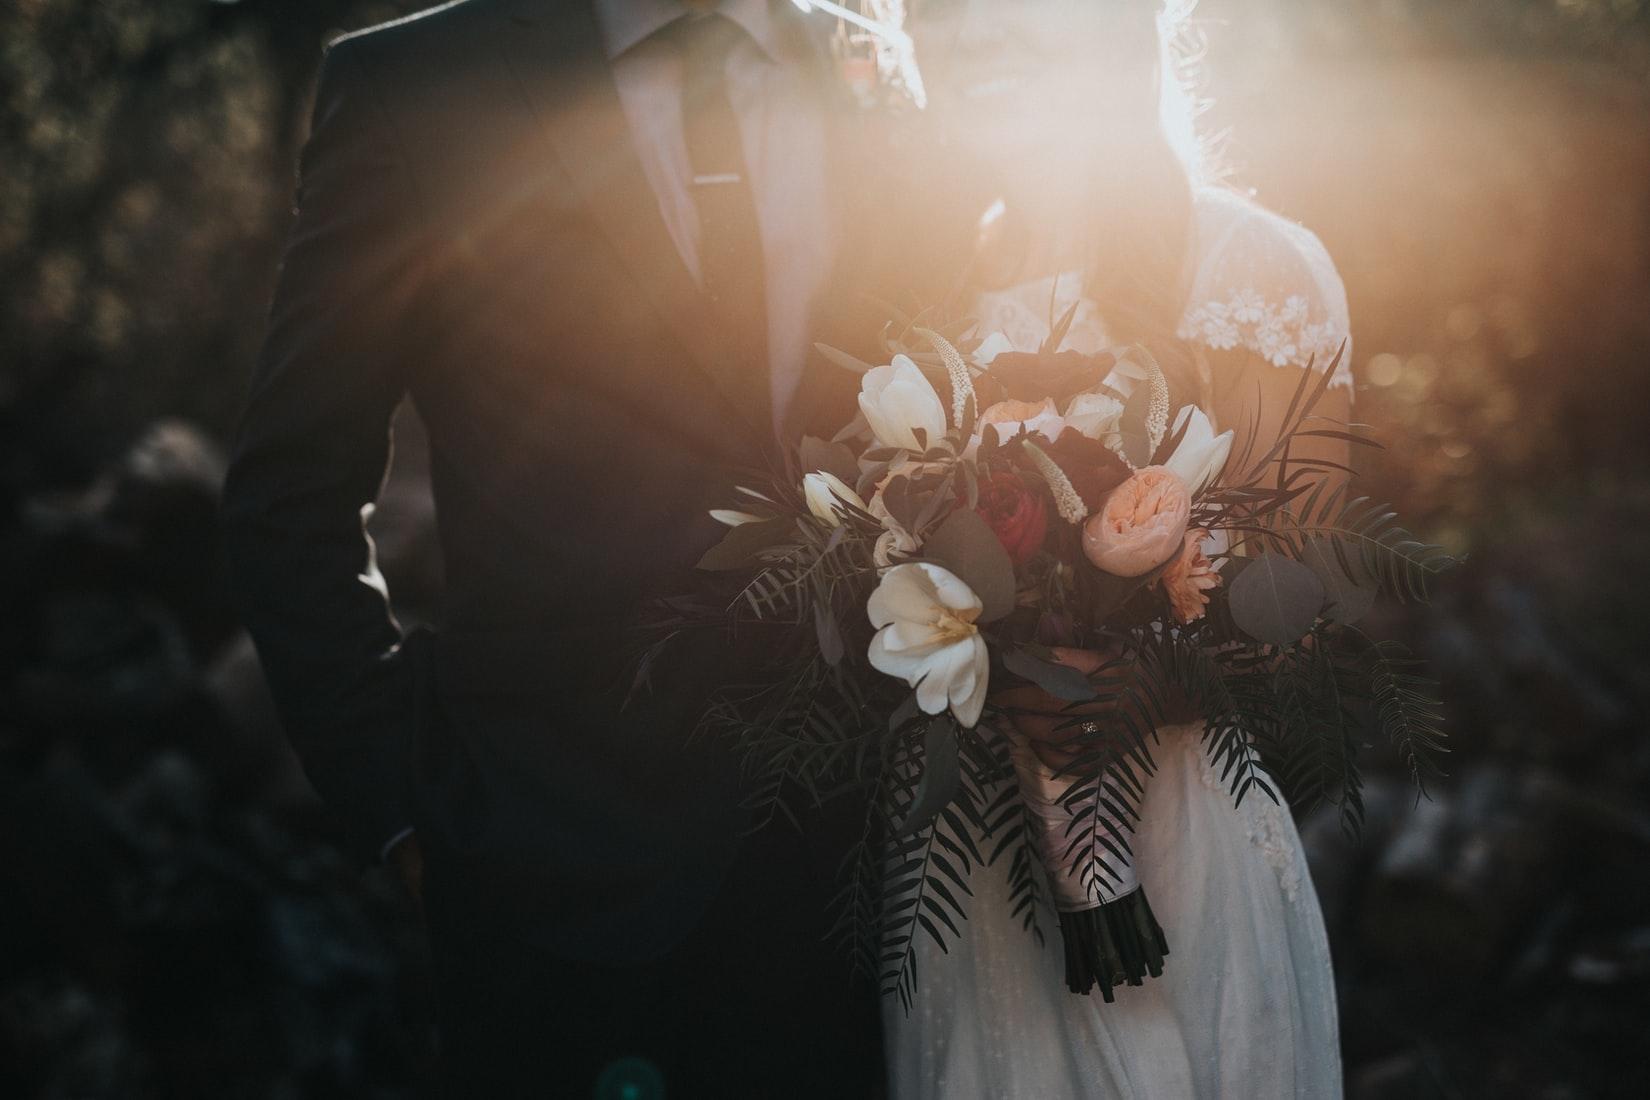 2. 結婚への積極性が違う